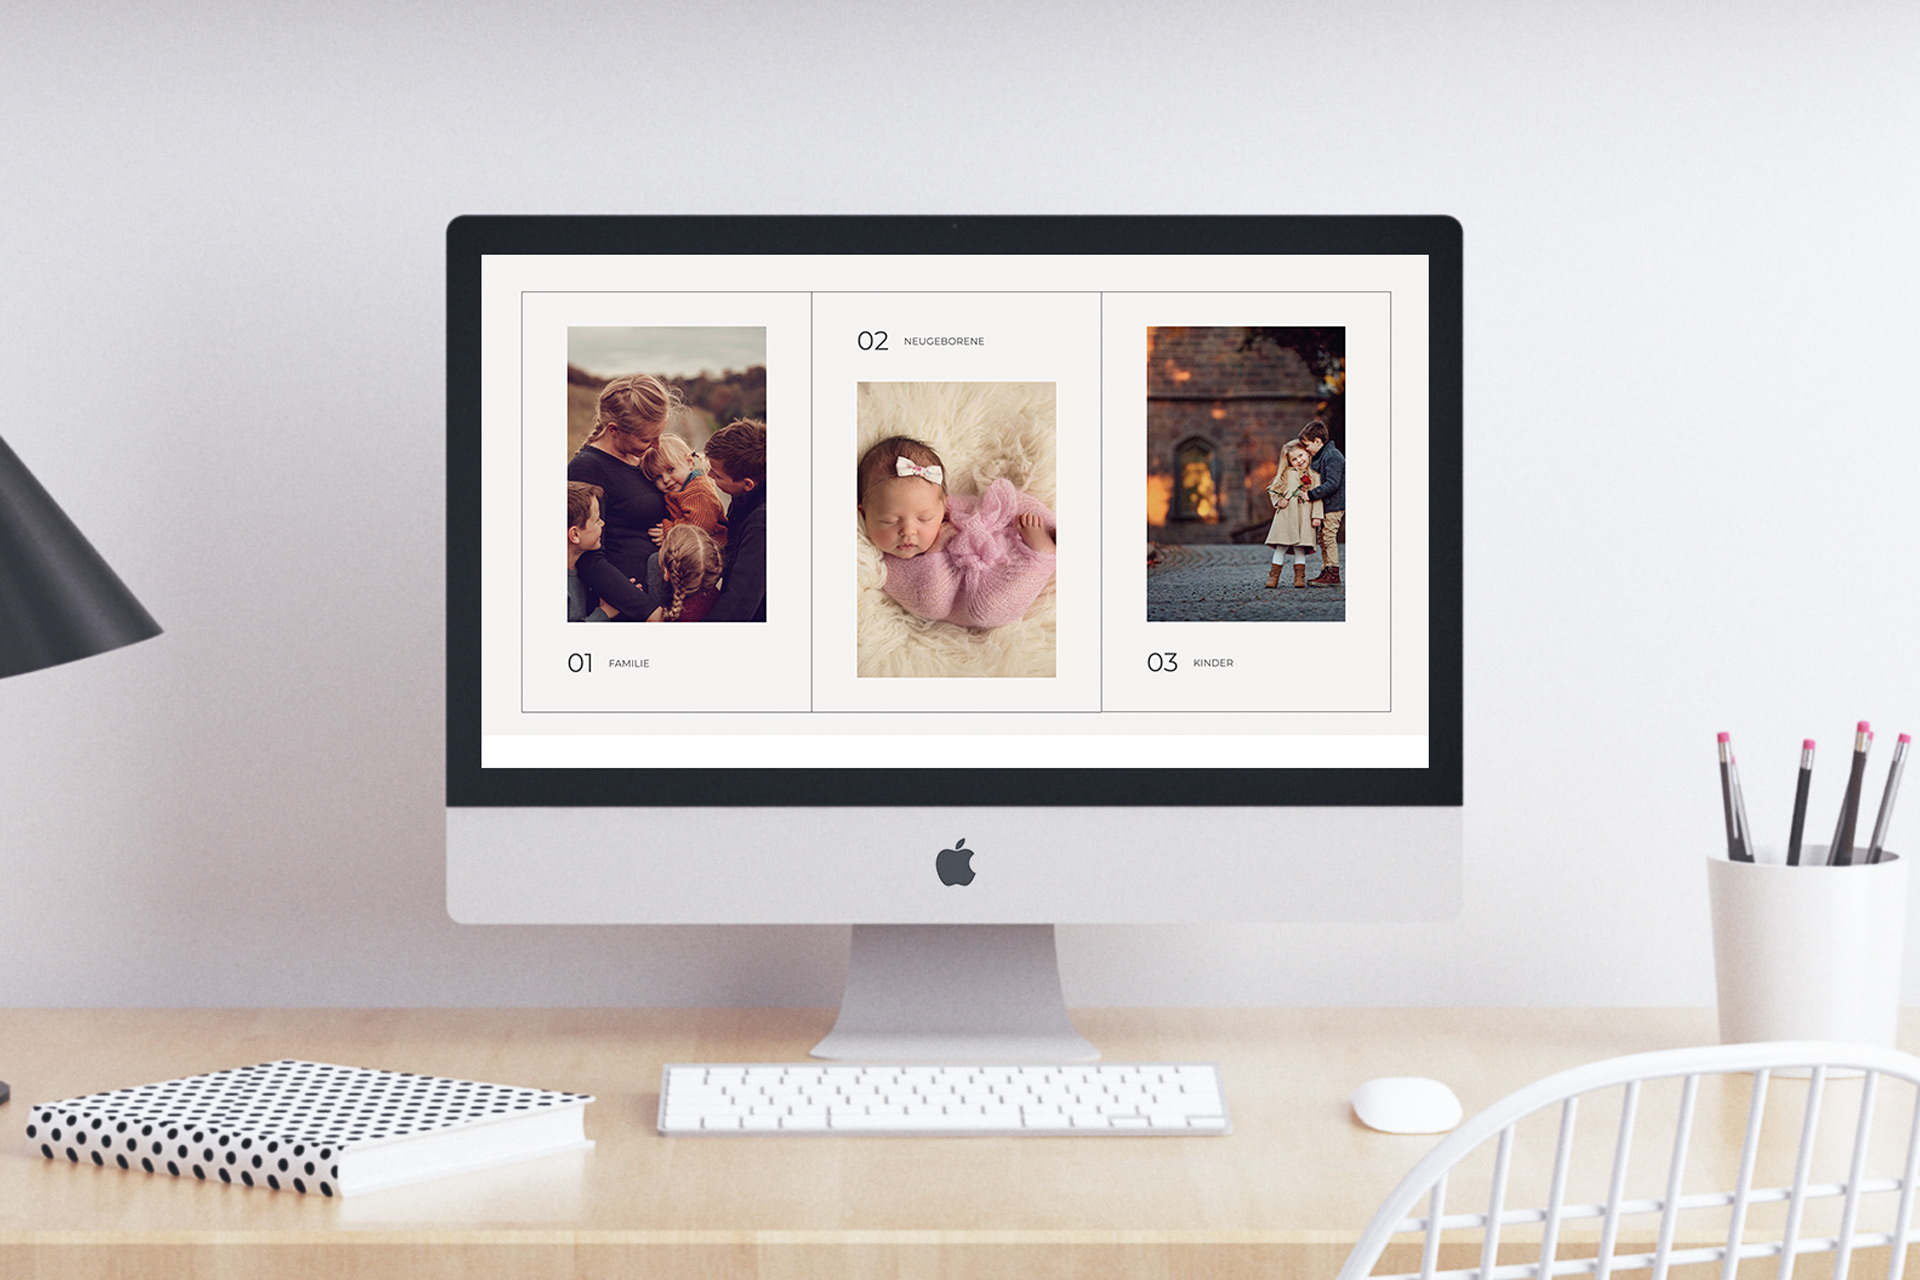 Webdesign Fotografie für Fotografen Flothemes schlicht edel Webdesignerin Website Gestaltung